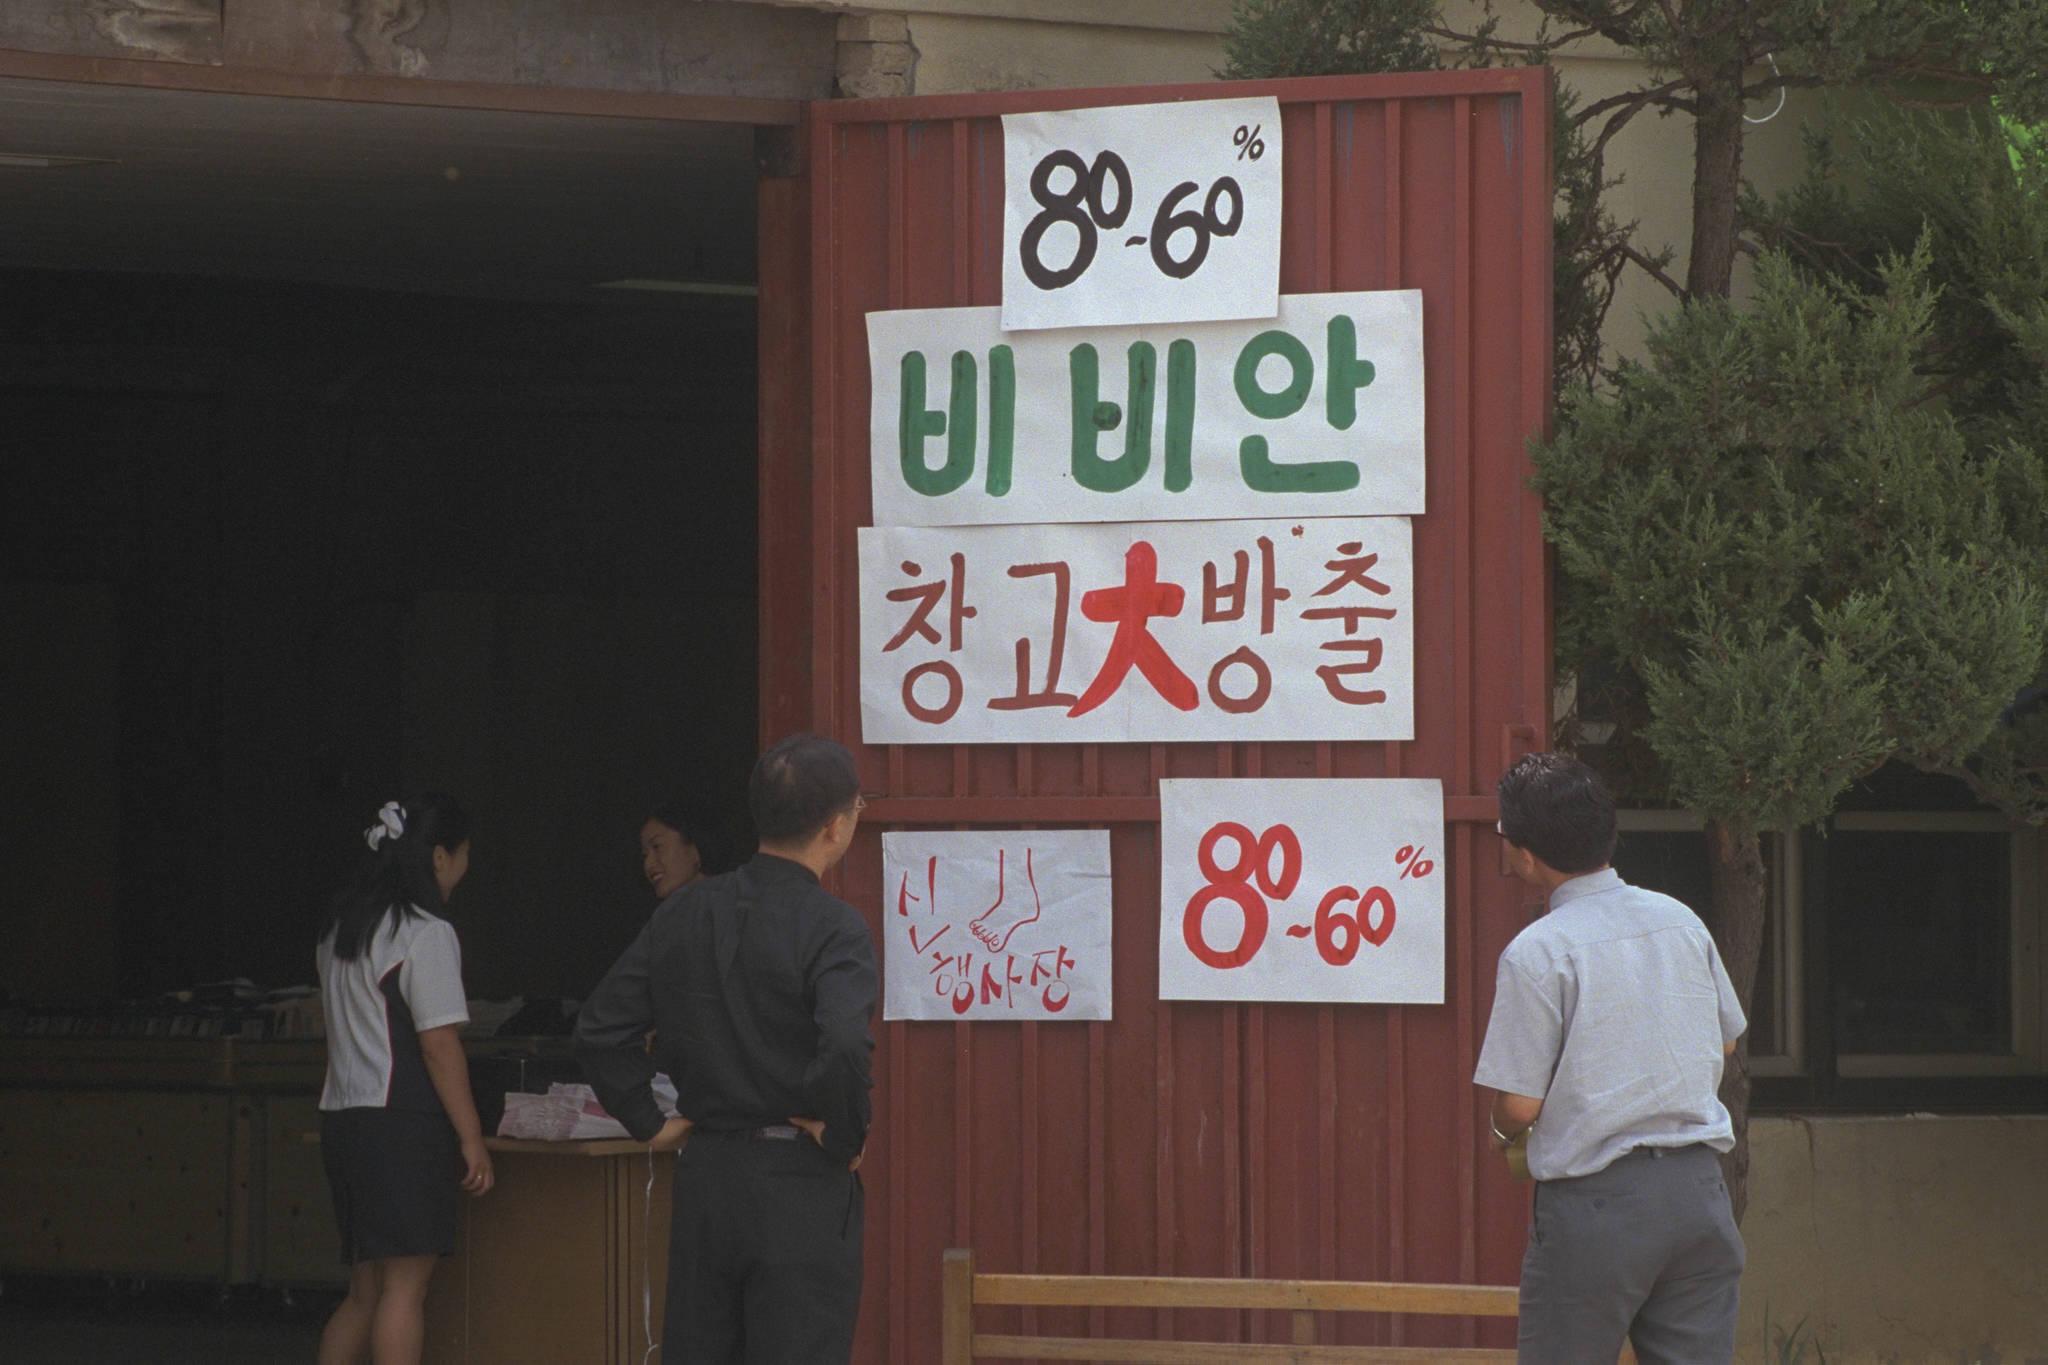 1998년 9월 24일 추석을 맞아 서울 구로공단에 입주해 있는 의류업체들이 자금마련을 위해 일제히 세일을 시작, 당시 구로공단 곳곳엔 할인판매광고가 나붙어 있었다.[중앙포토]